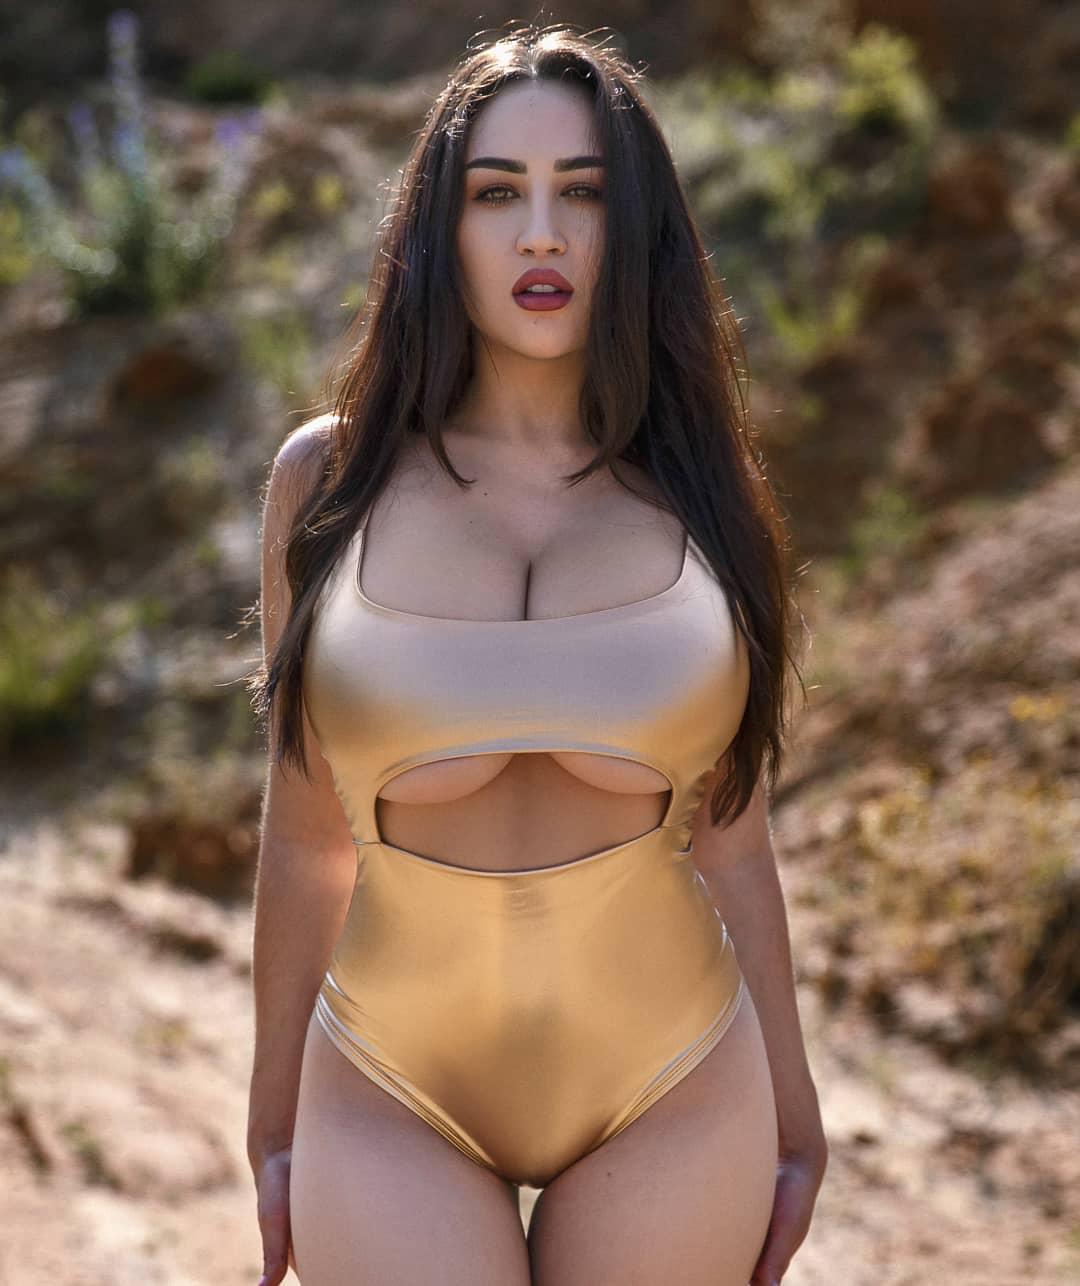 Louisa Khovanski Nude Onlyfans Leaked 0022